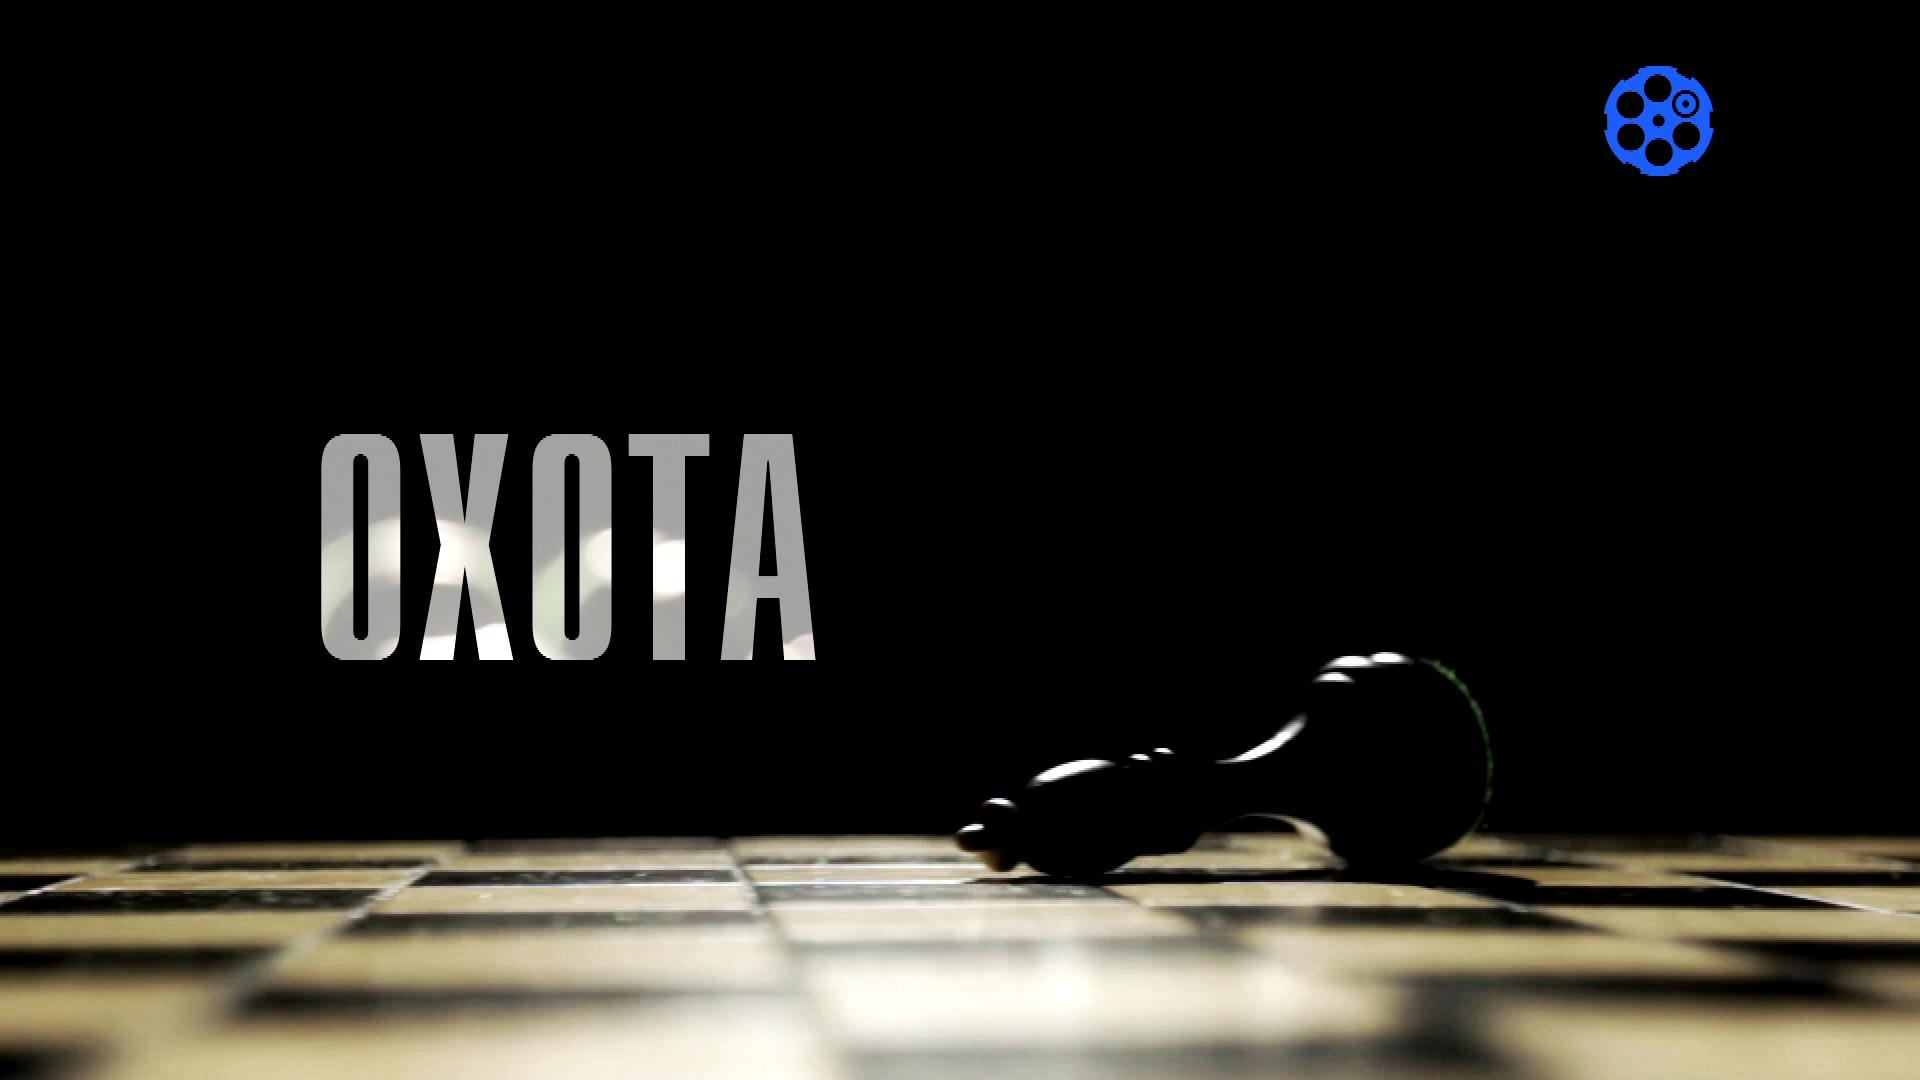 Охота_fixed (01).png